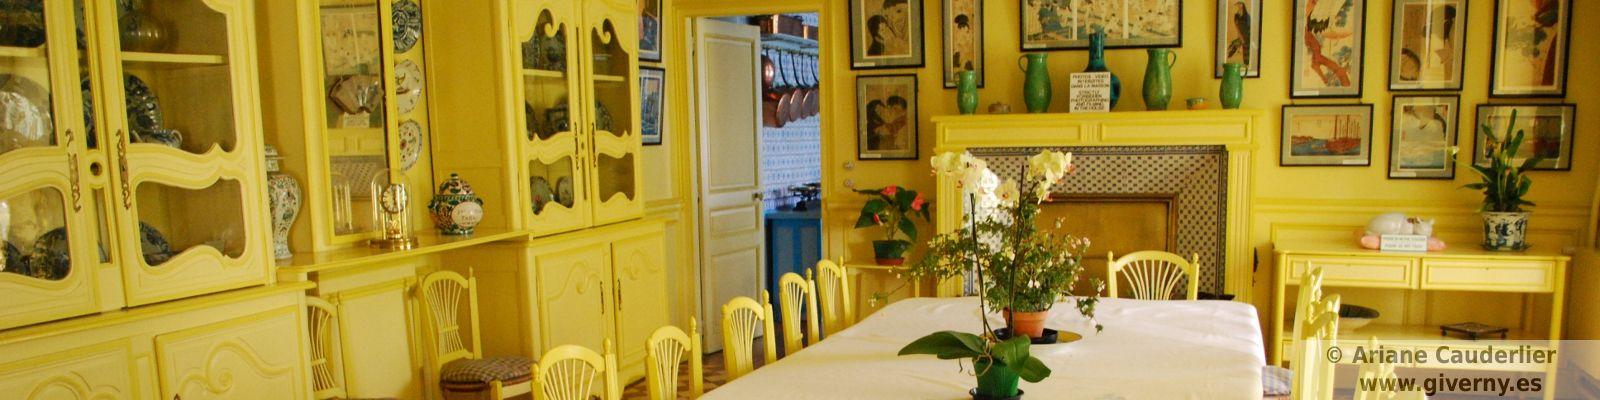 El comedor de Claude Monet en su casa de Giverny